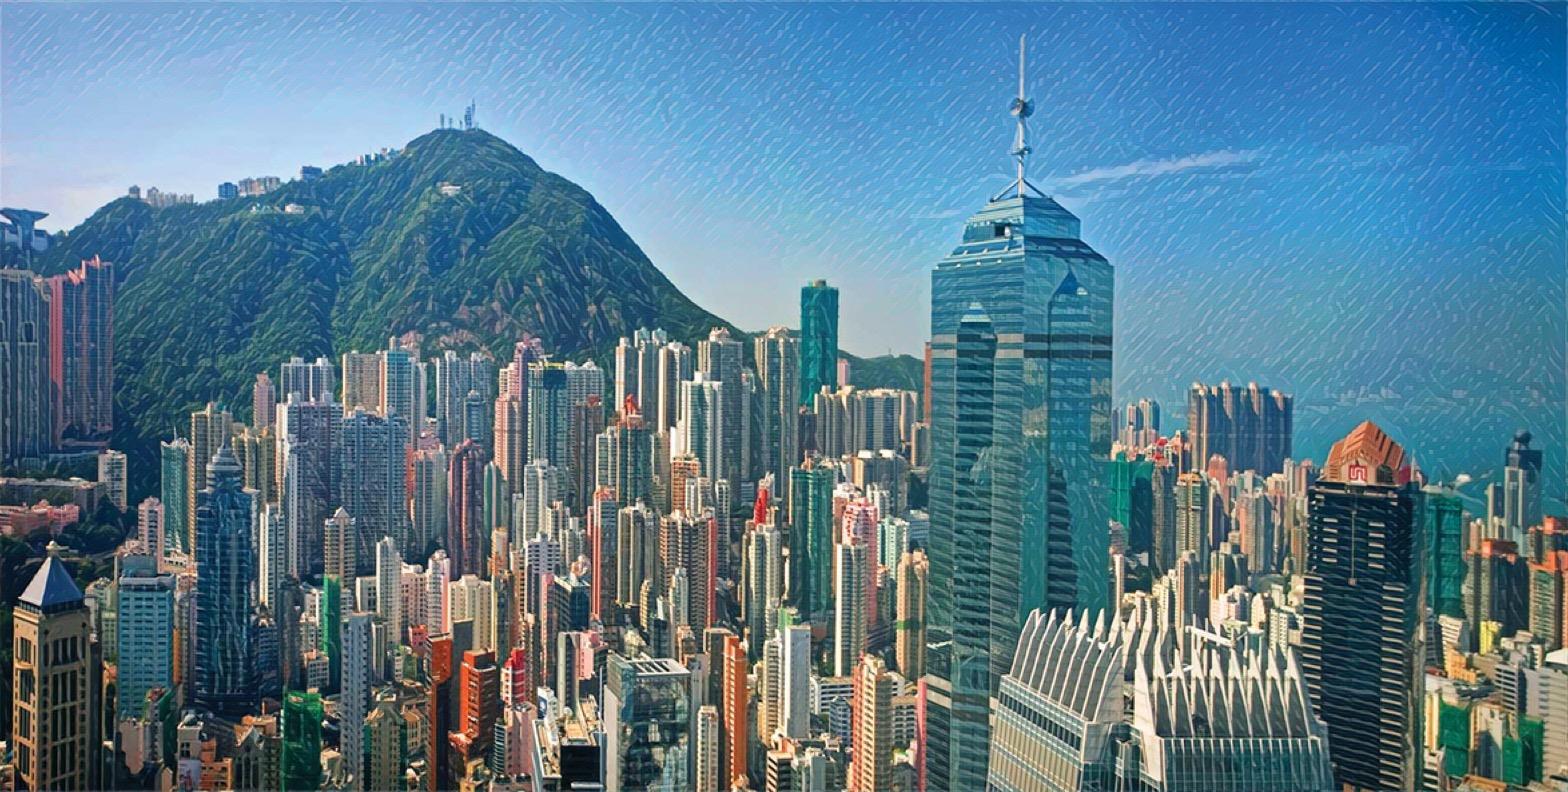 Modern-Day Hong Kong